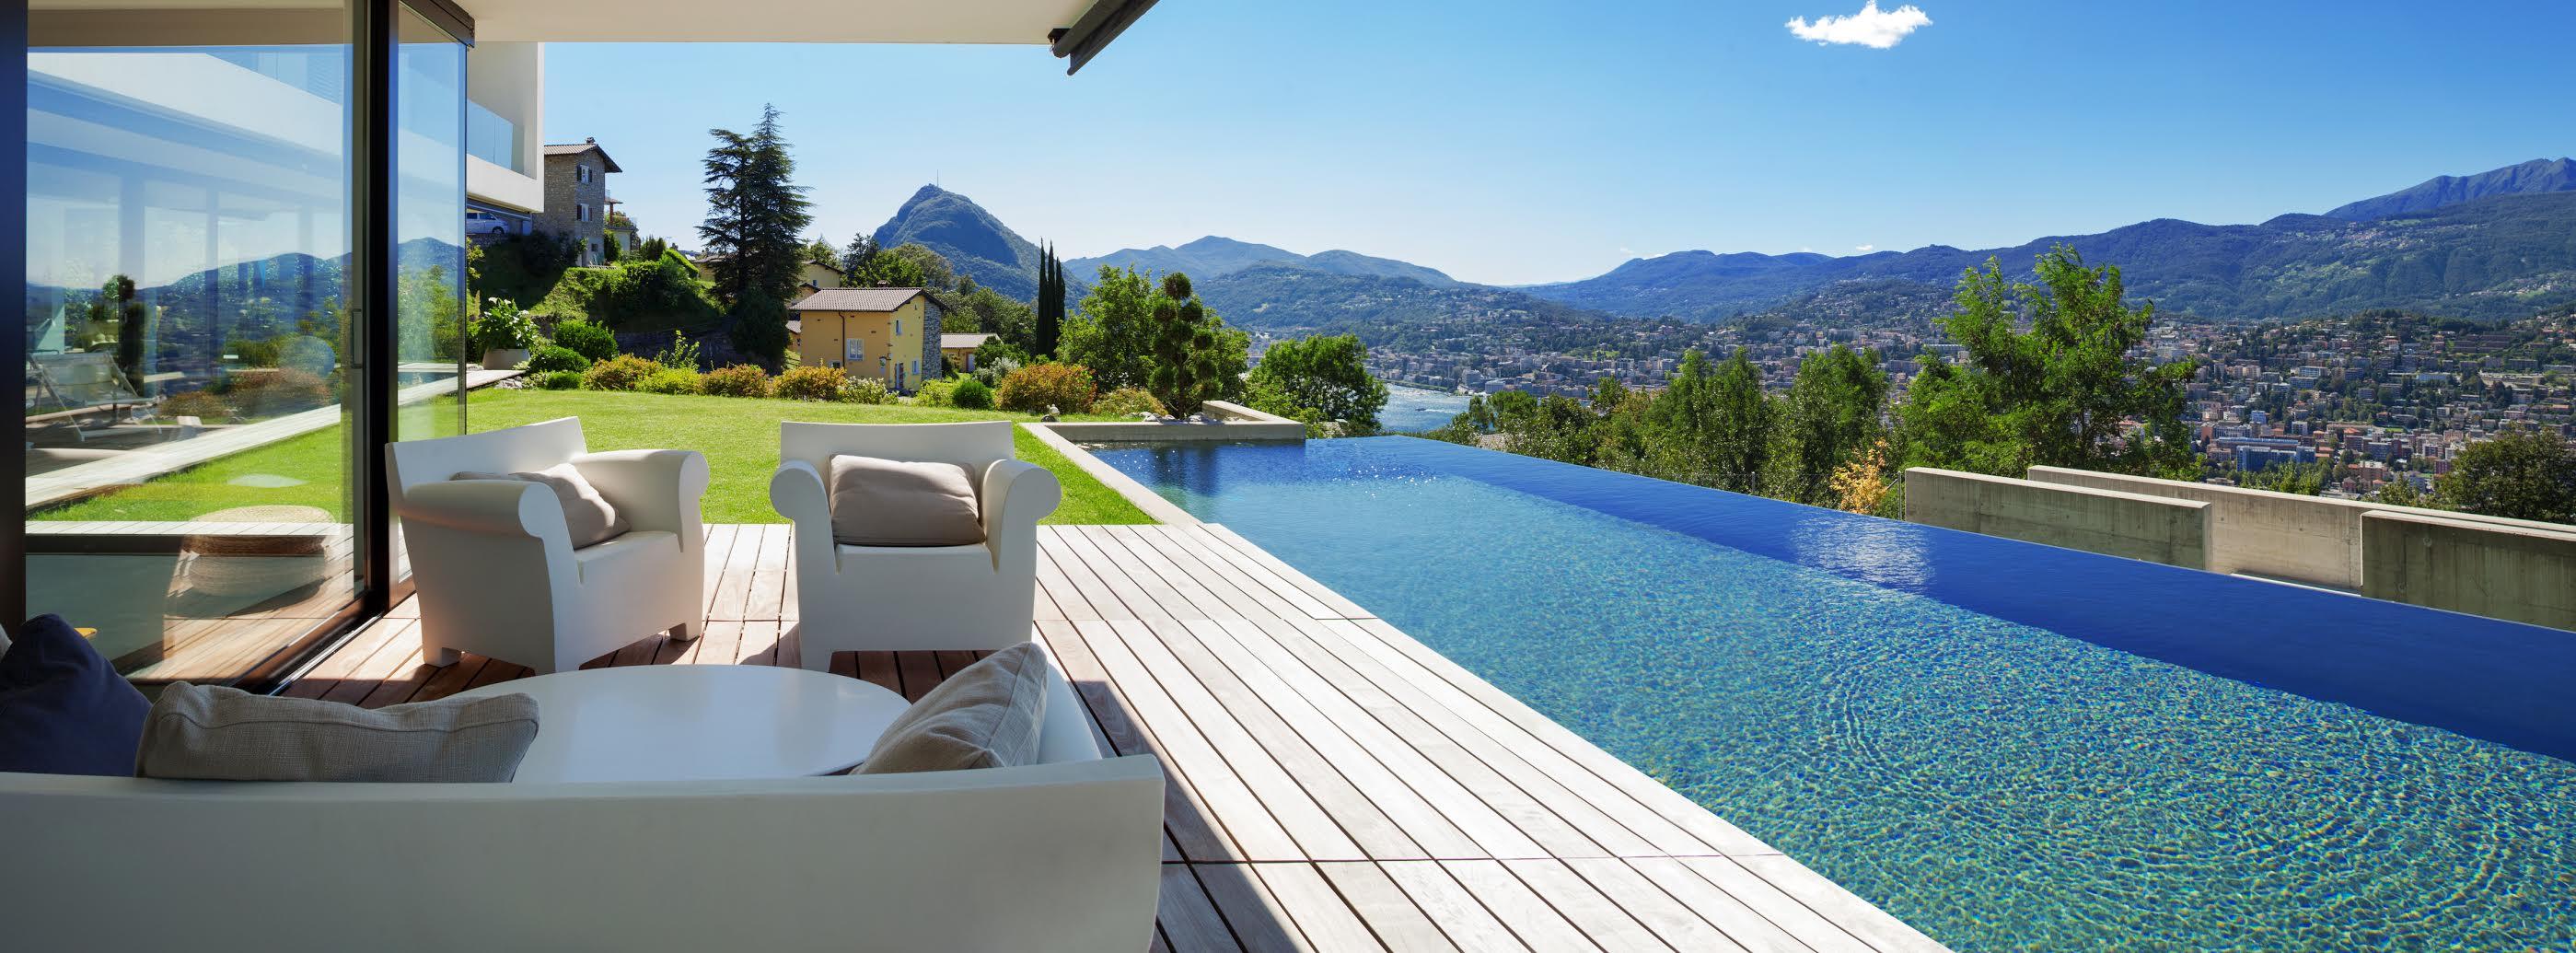 Expert immobilier Avignon